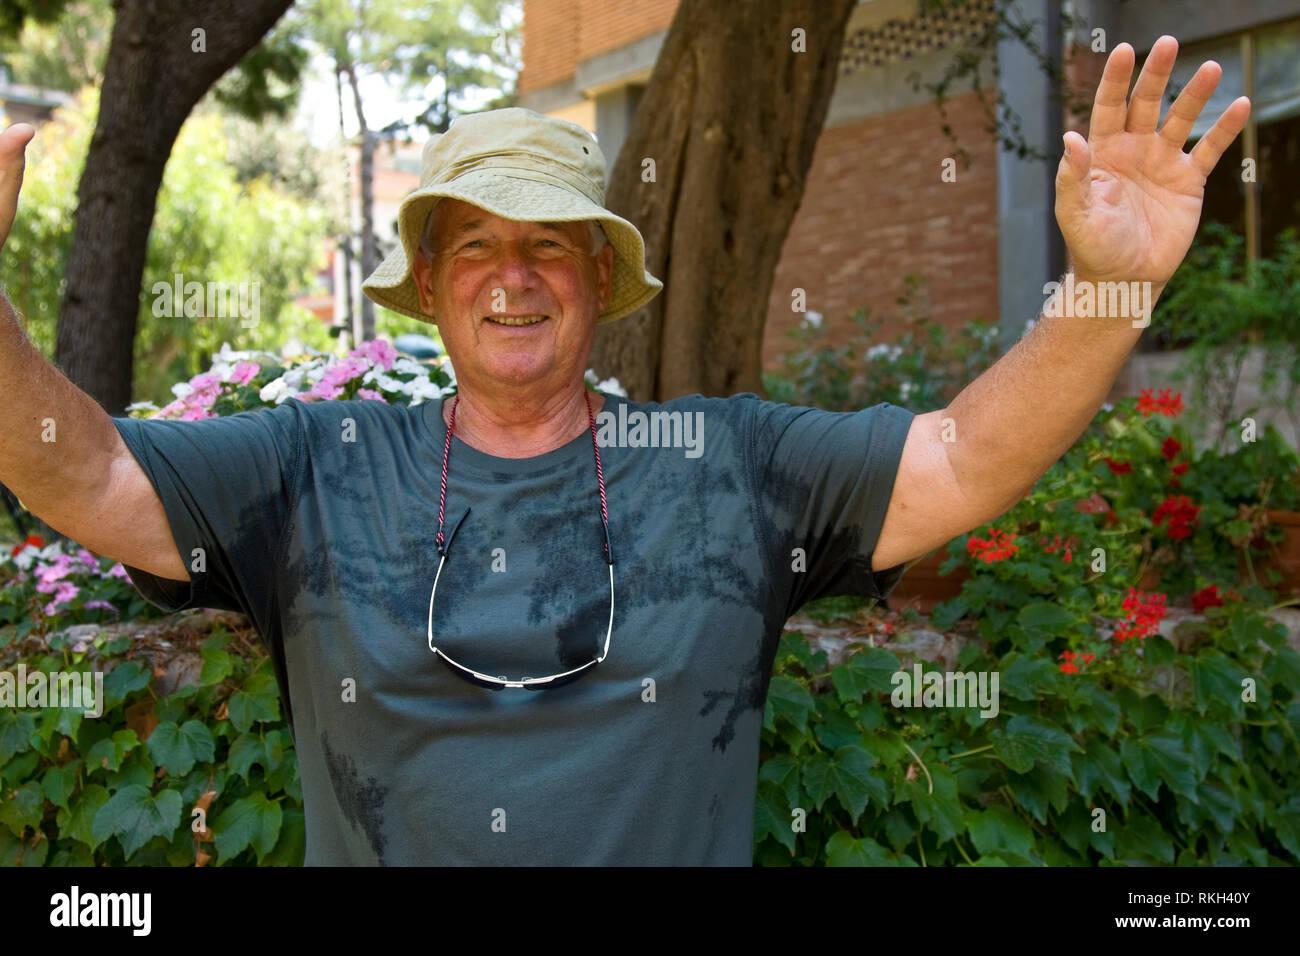 Hombre, brazos levantados mostrando CAMISETA MOJADA; transpiración; sombrero, anteojos de sol, calor; el calor; sonriente, feliz verano; señor; horizontal Imagen De Stock